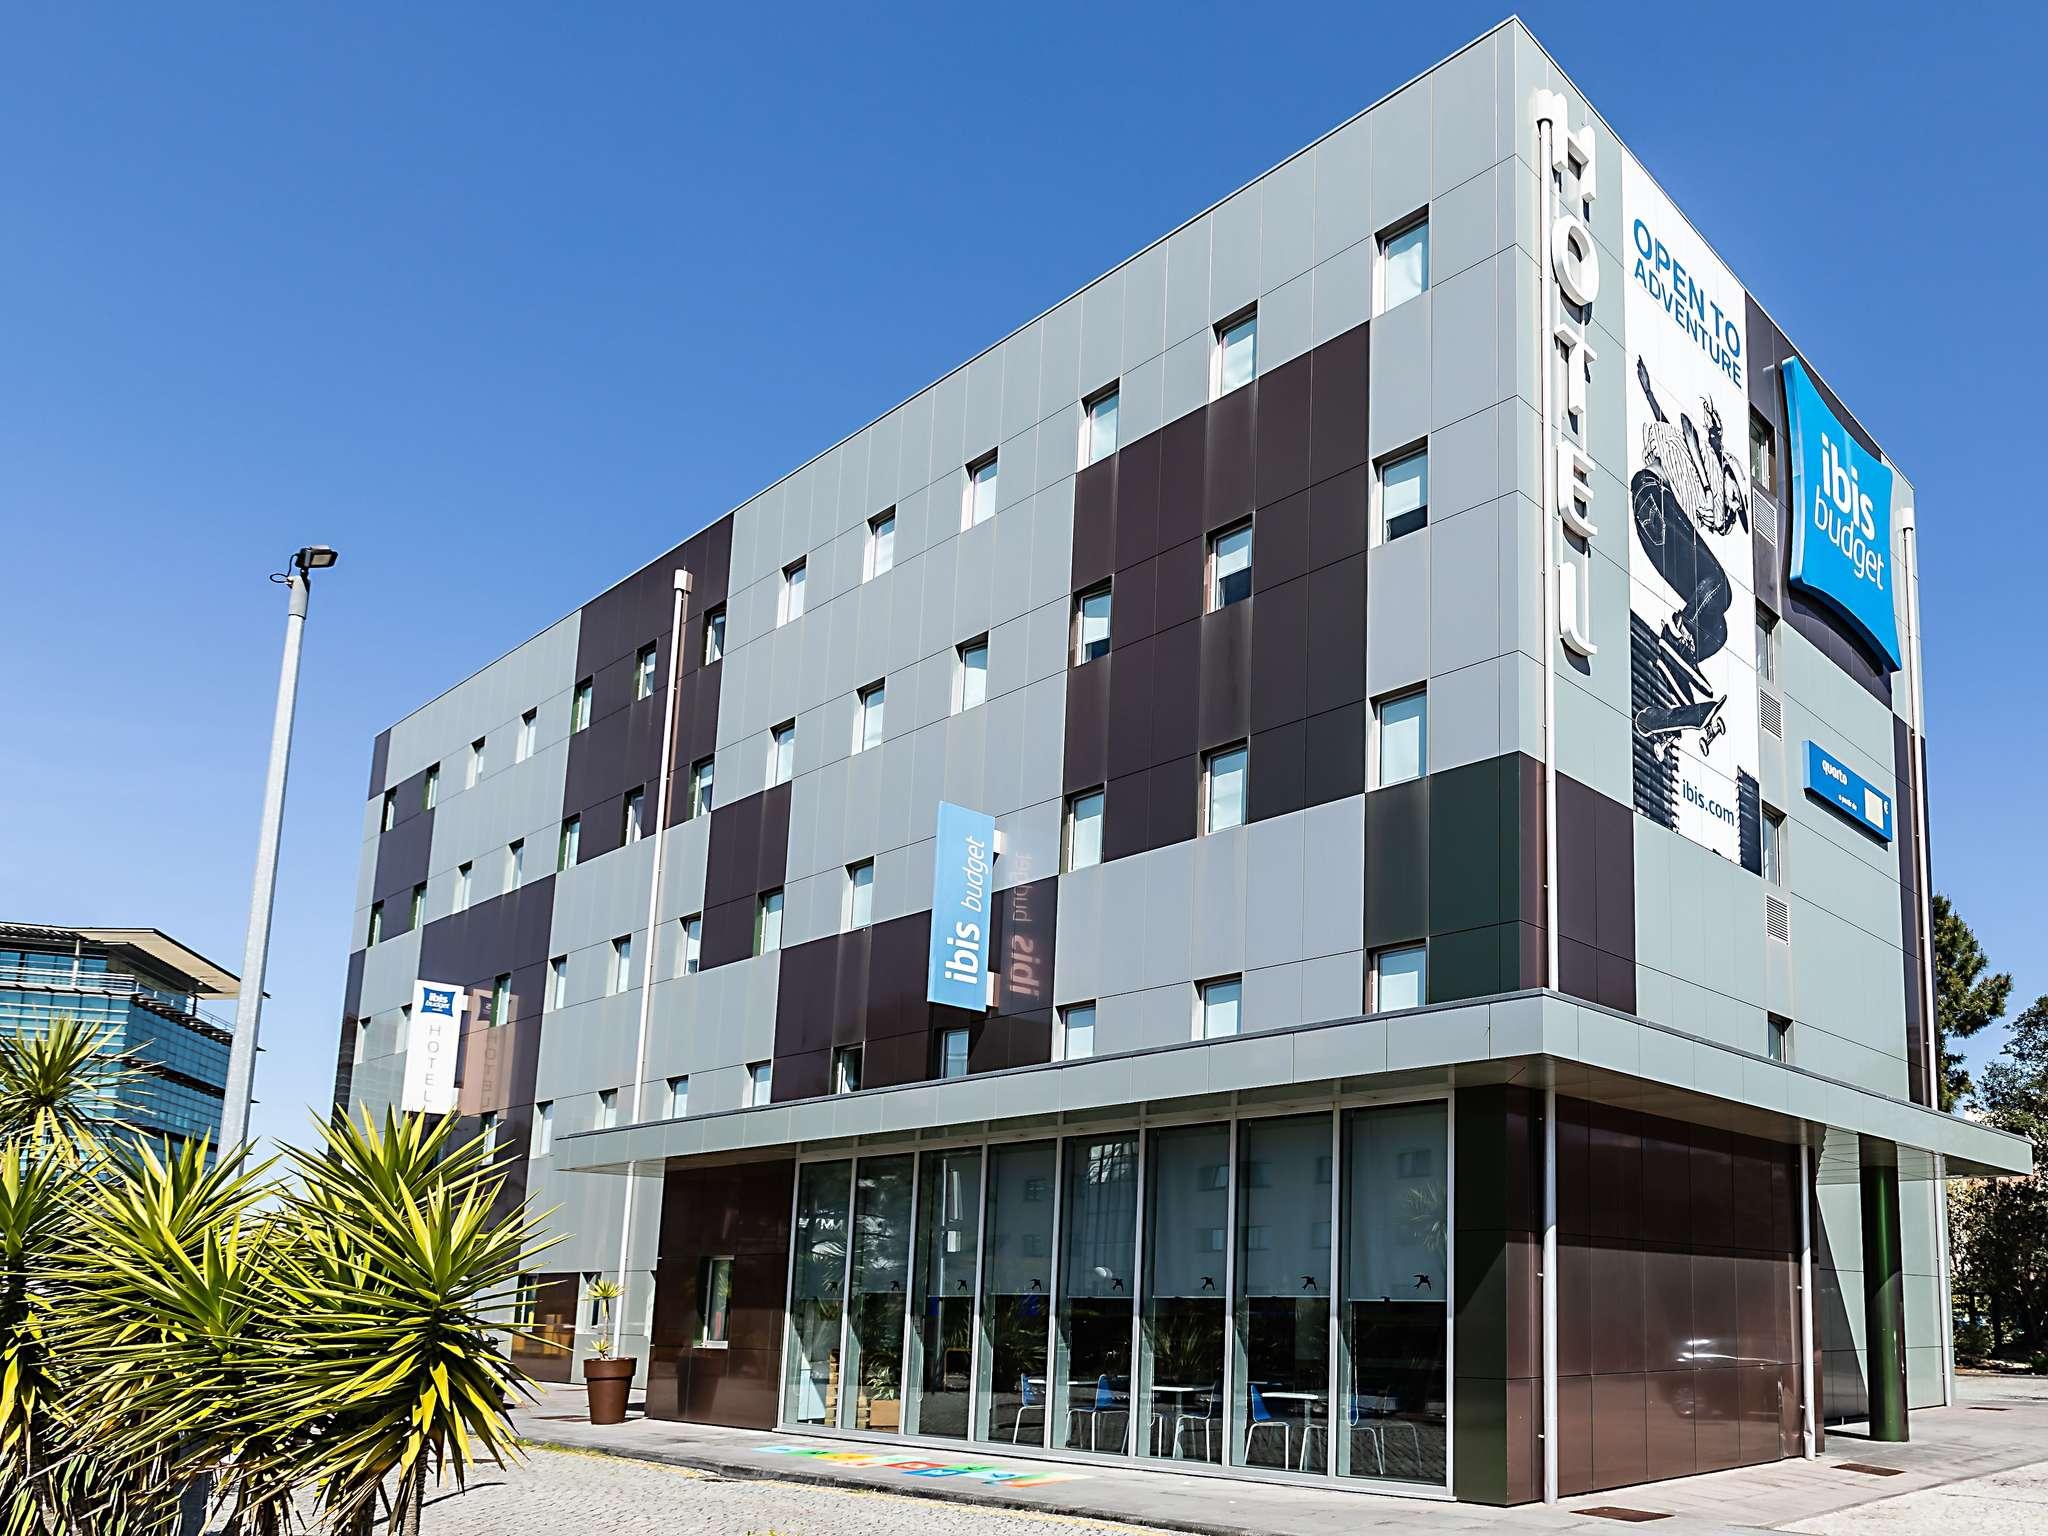 酒店 – ibis budget 波尔图盖亚酒店